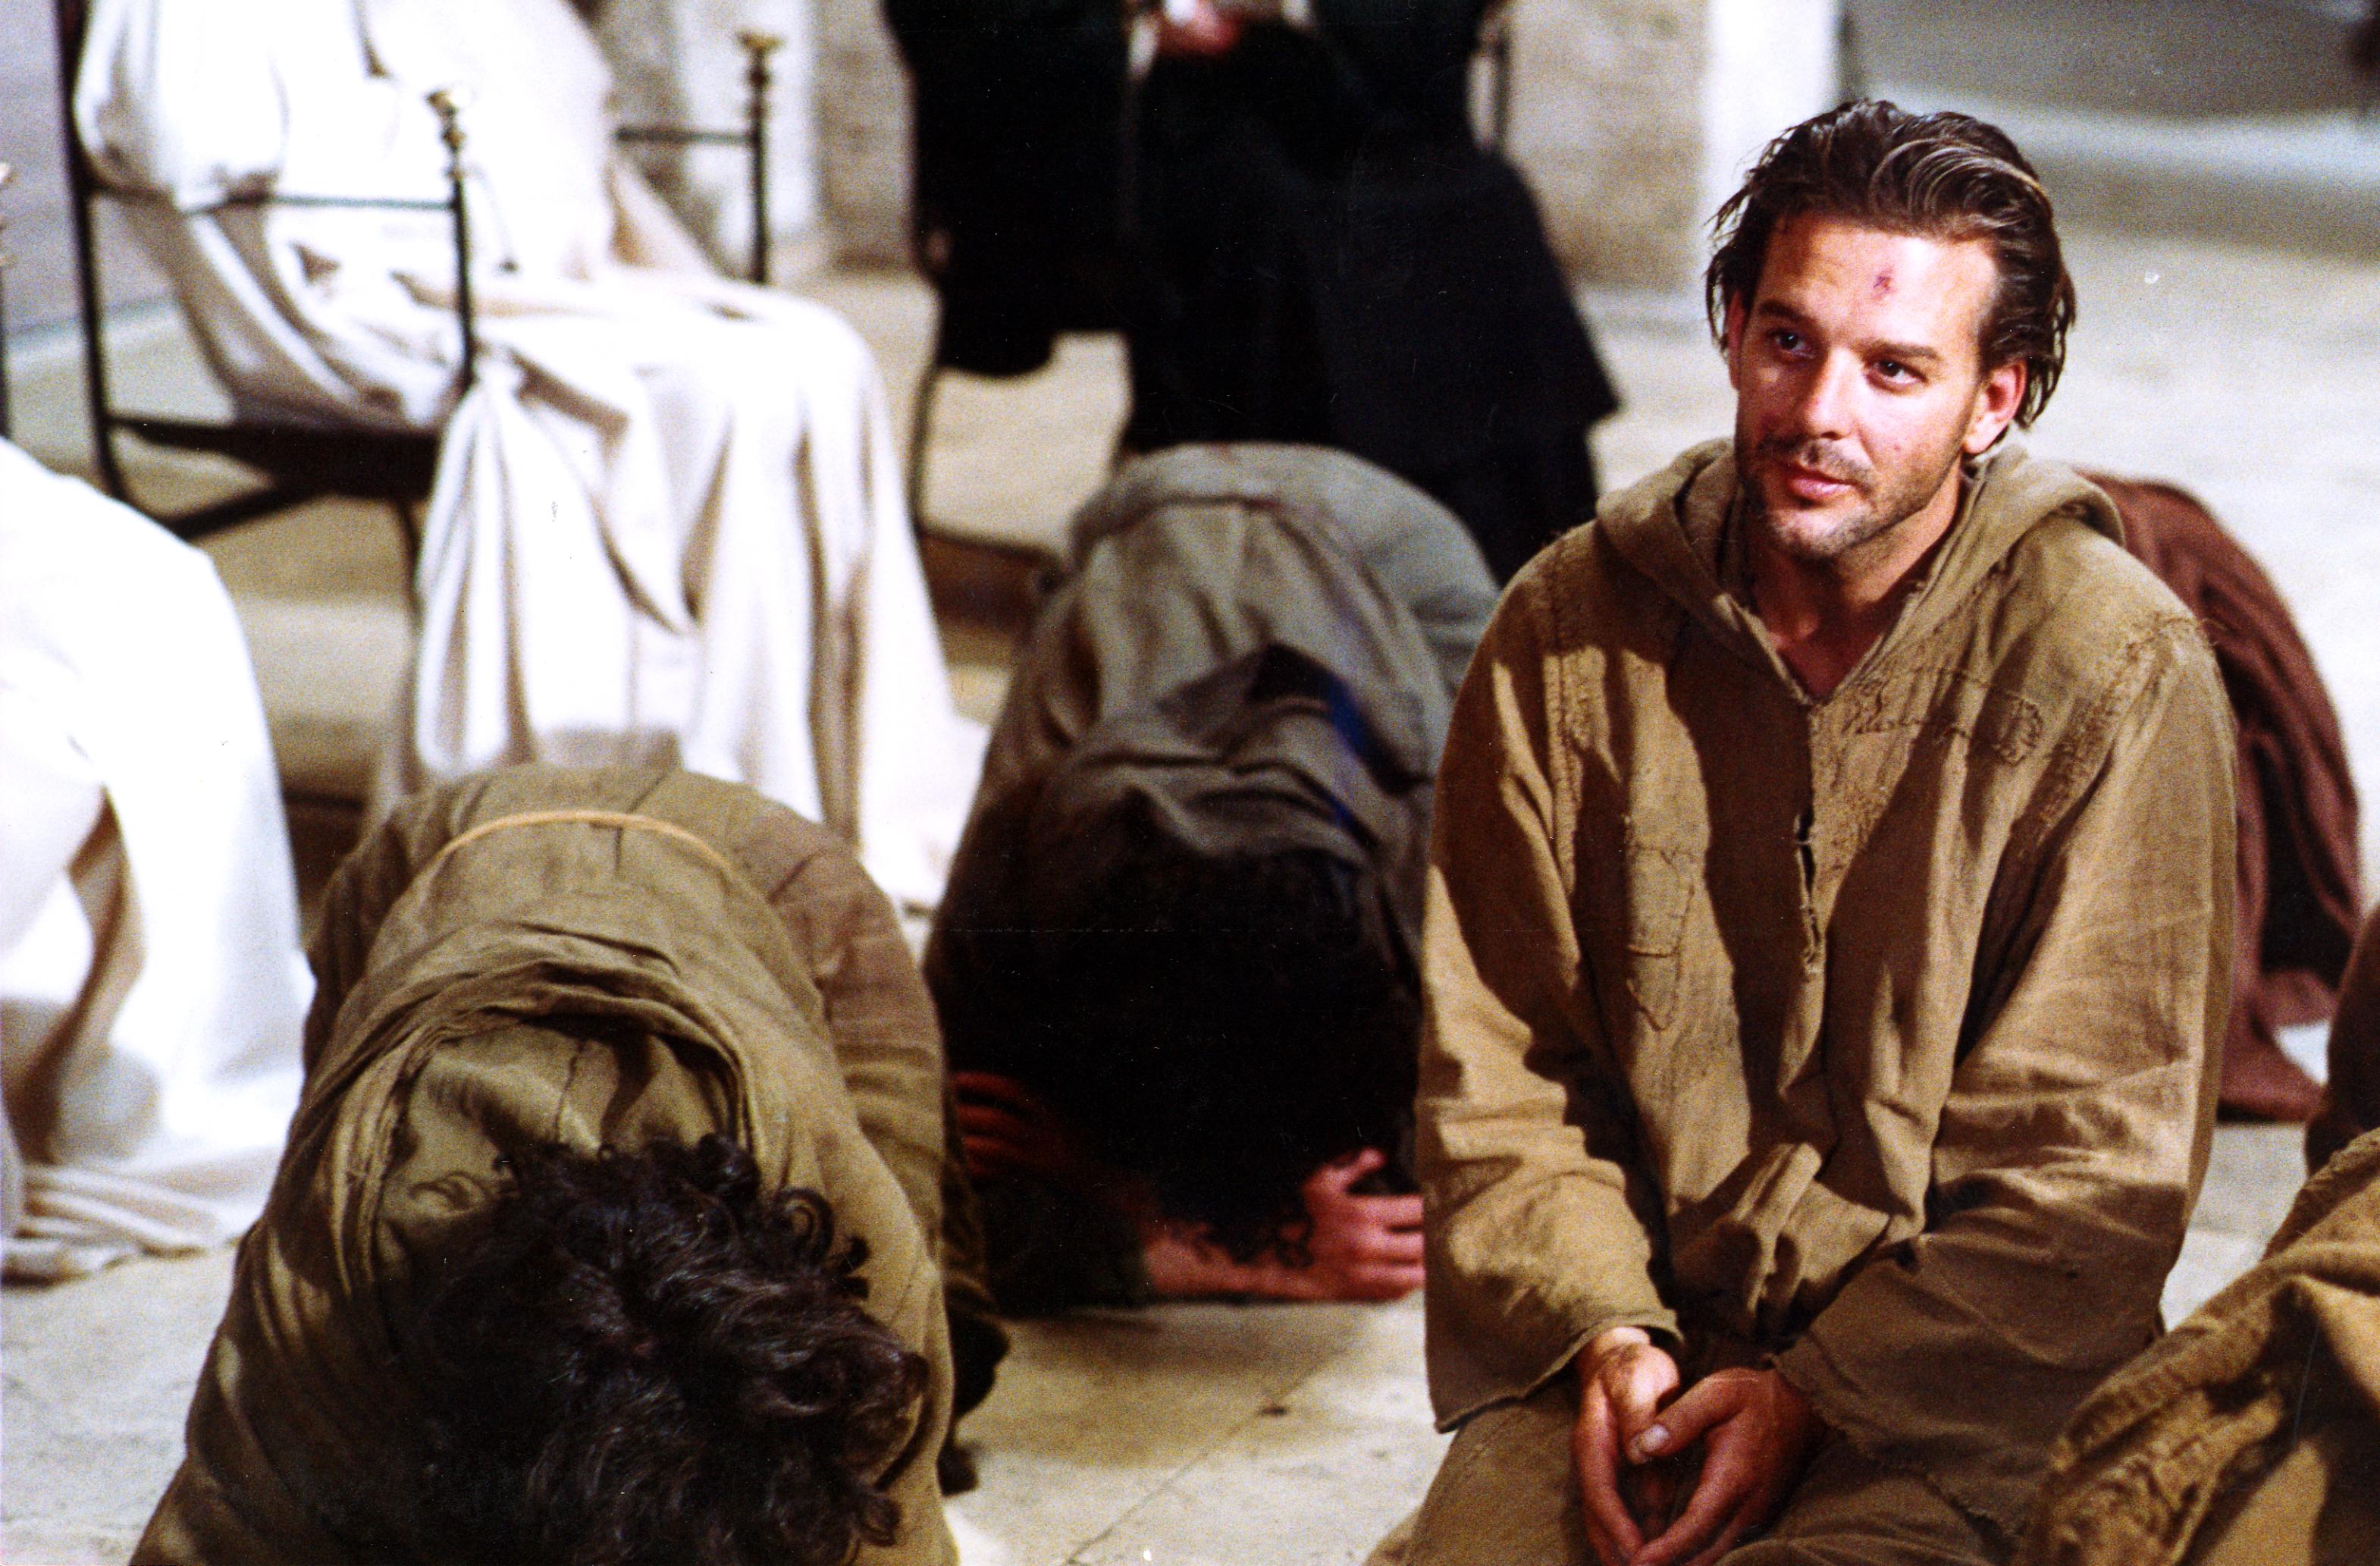 Francesco (1989, Film Movement Classics)